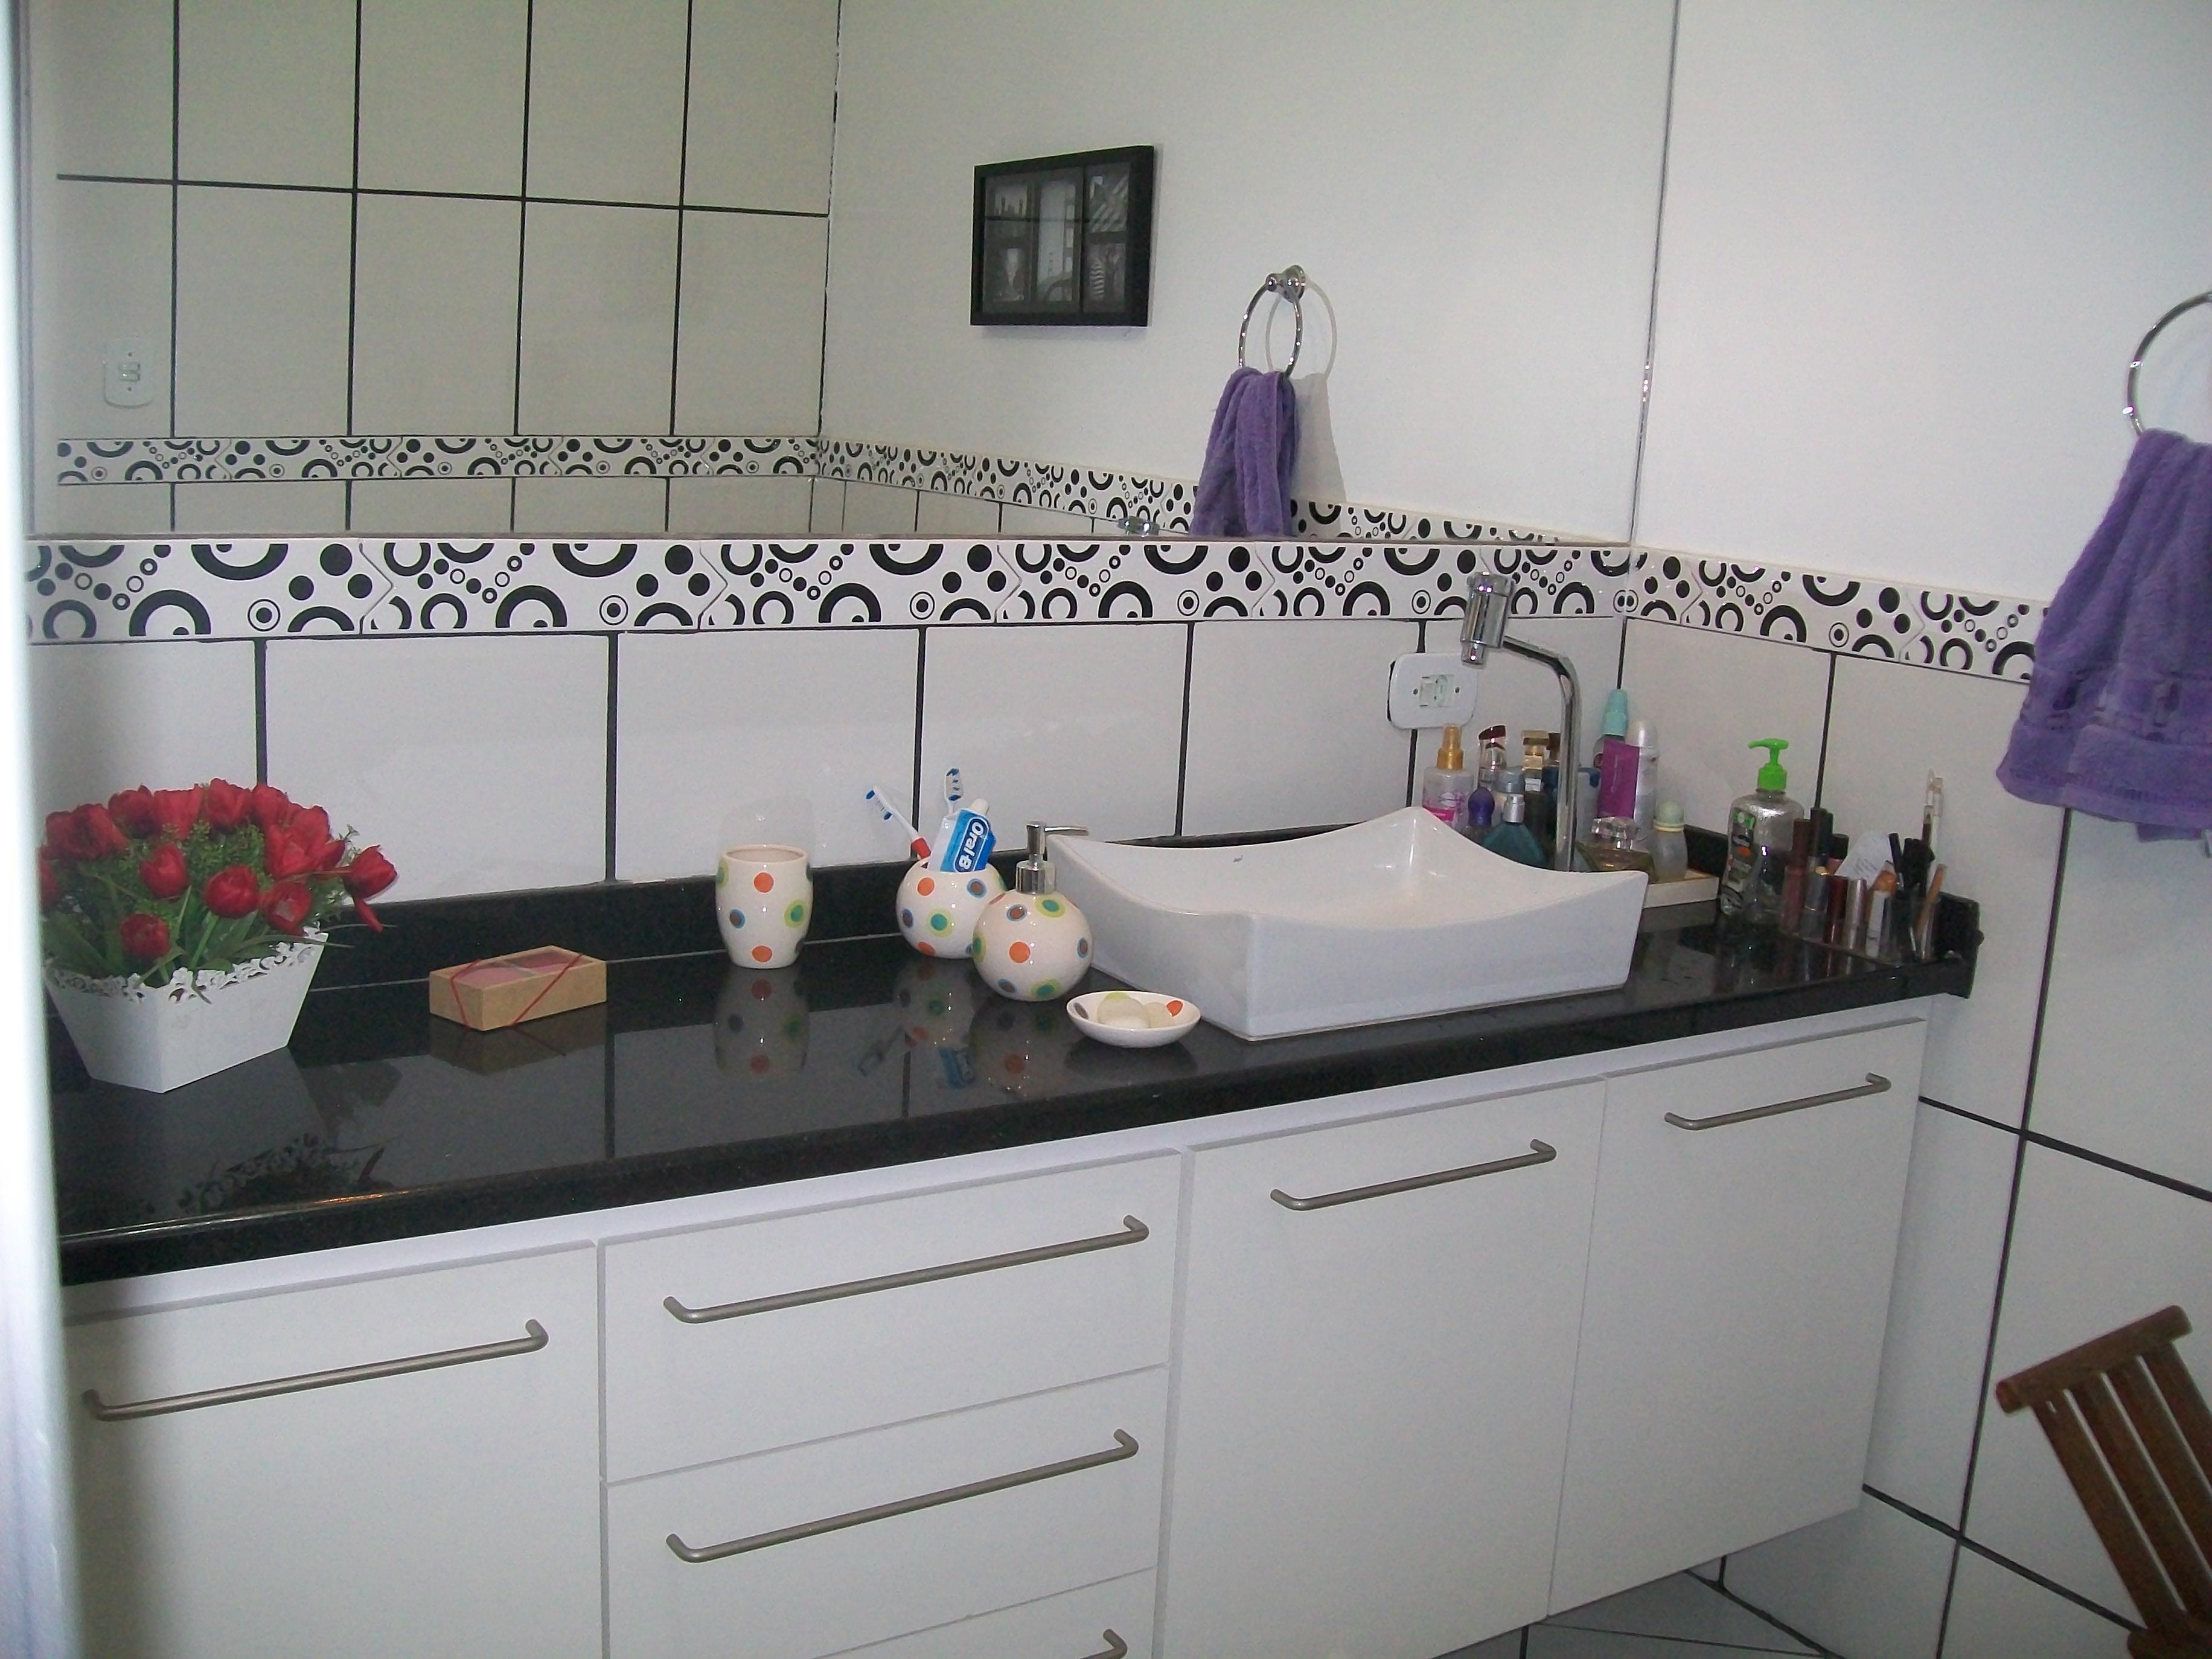 Galeria de Fotos Marmoraria Global Tec #6E3C40 3664x2748 Banheiro Com Bancada De Granito